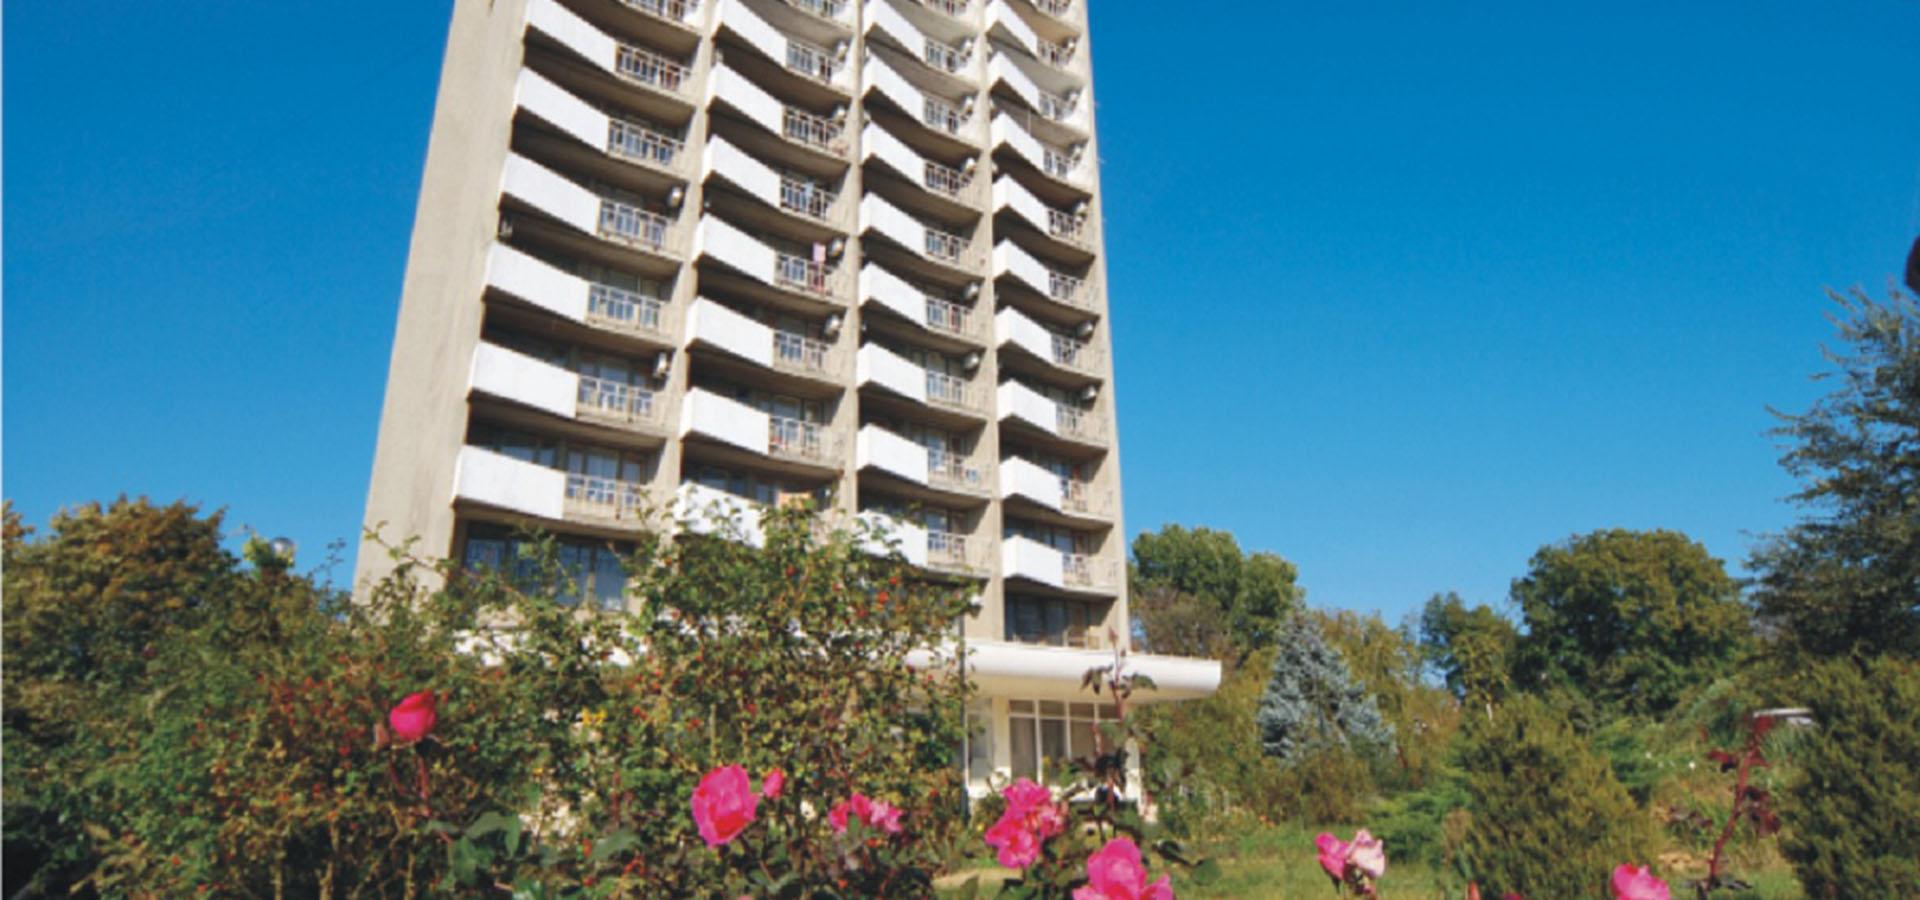 Отель Мирный курорт, Одесса